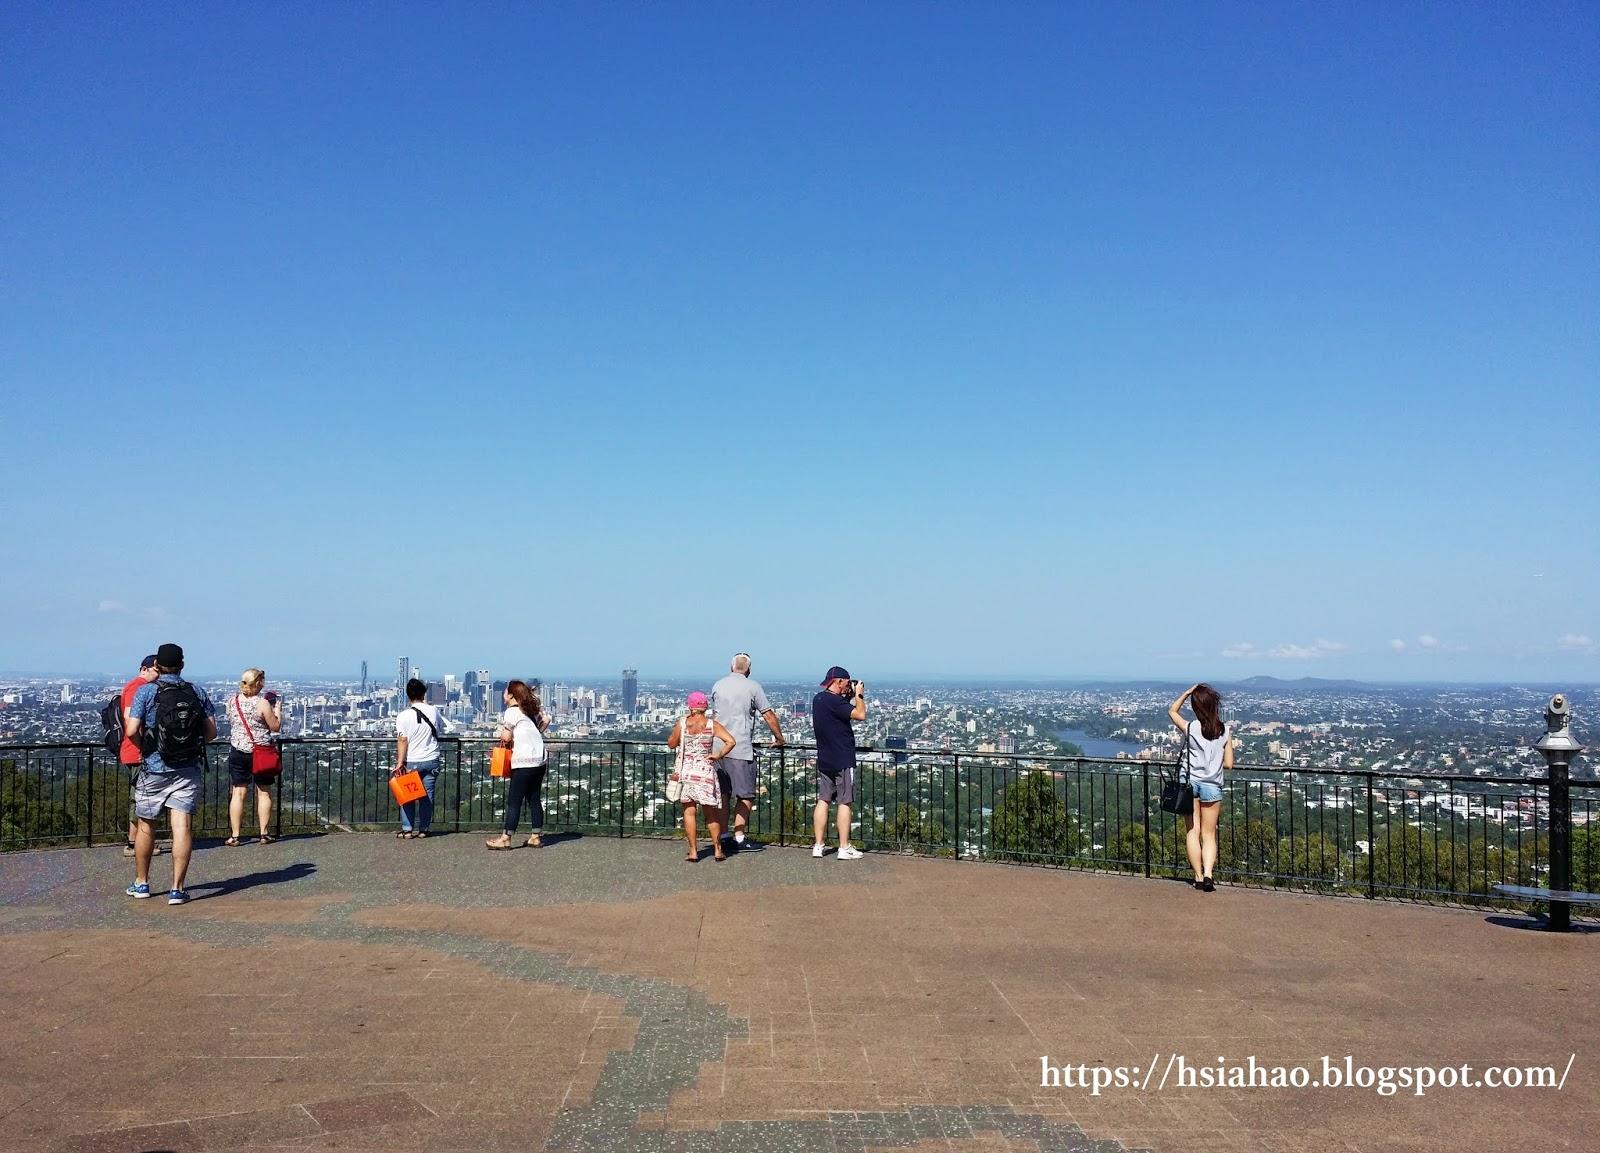 布里斯本-景點-庫薩山-市區-遊記-庫薩山觀景台-行程-Mt. Coot-Tha-Summit-Lookout-Brisbane